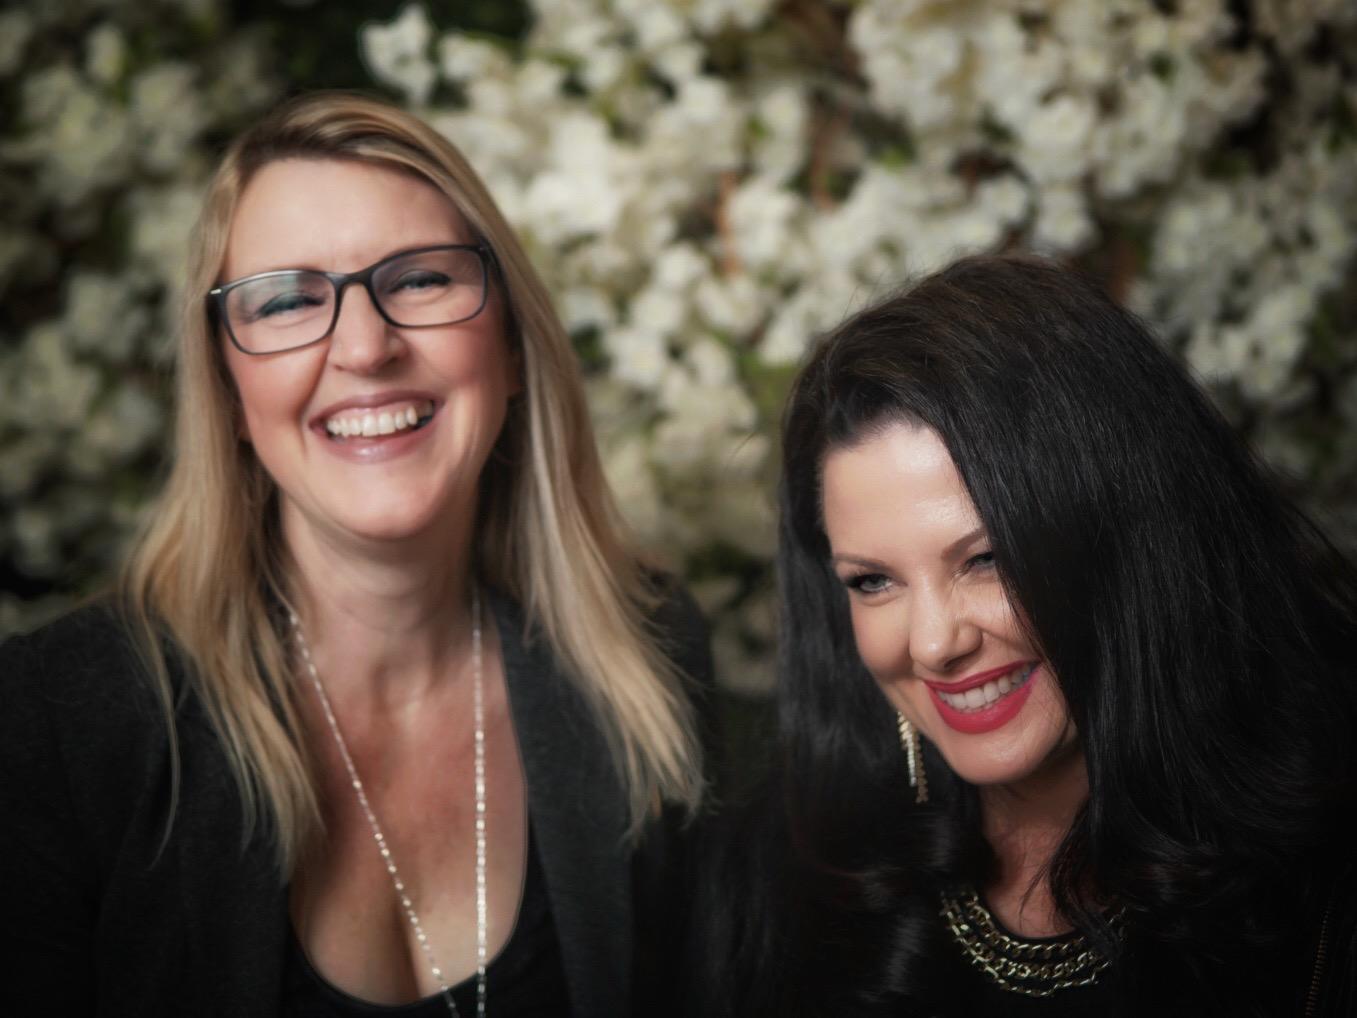 Lisa Duncan and Tamara Mutter-Slagter